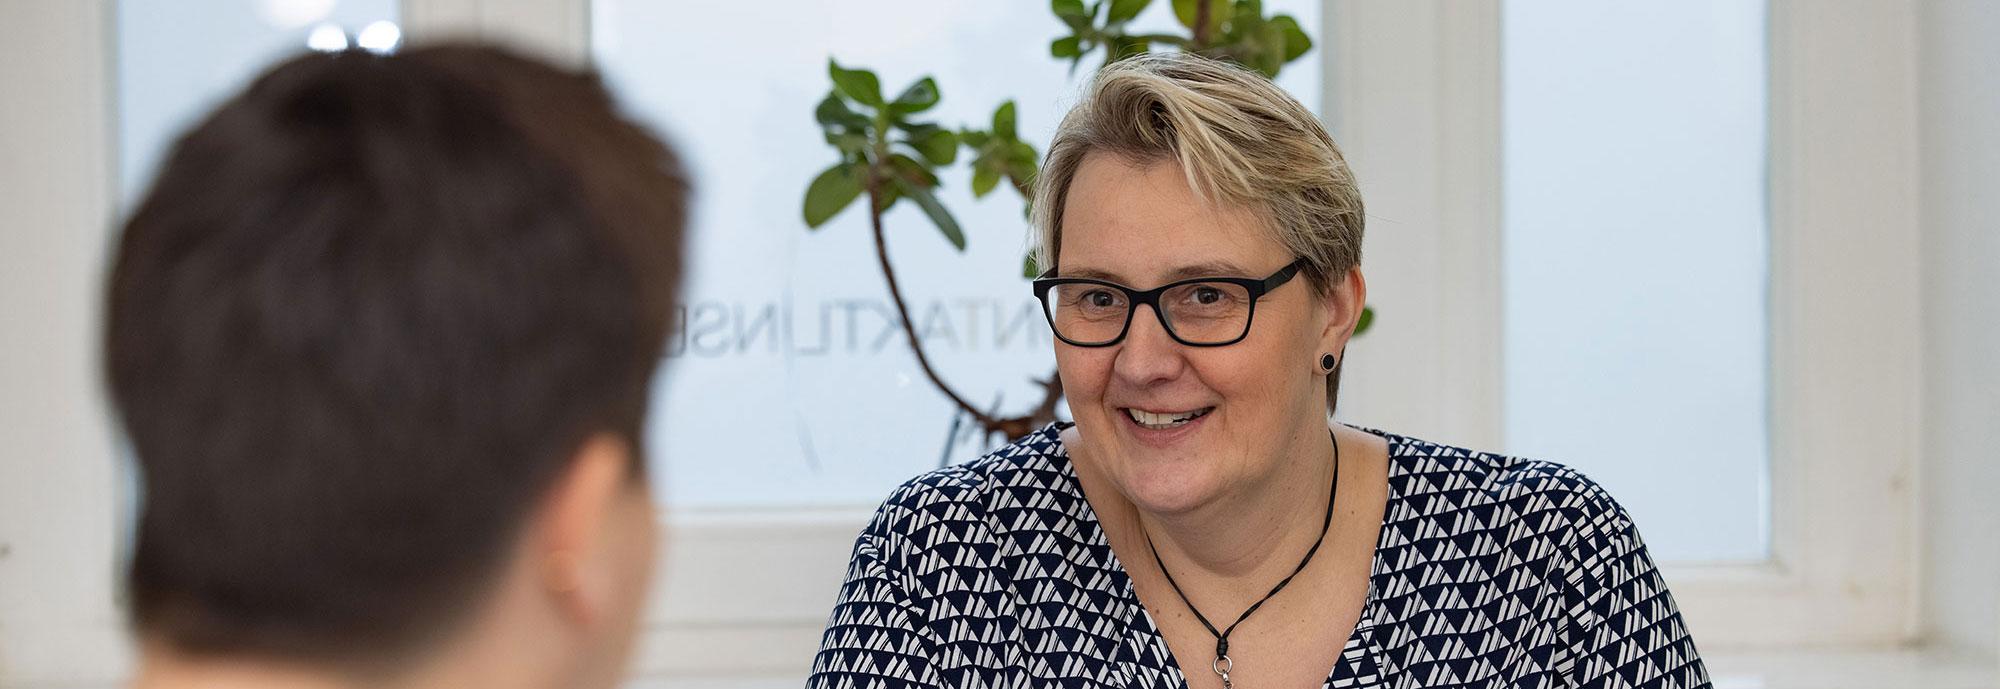 Coachin Mechthild Berges im Gespräch mit einer Klientin